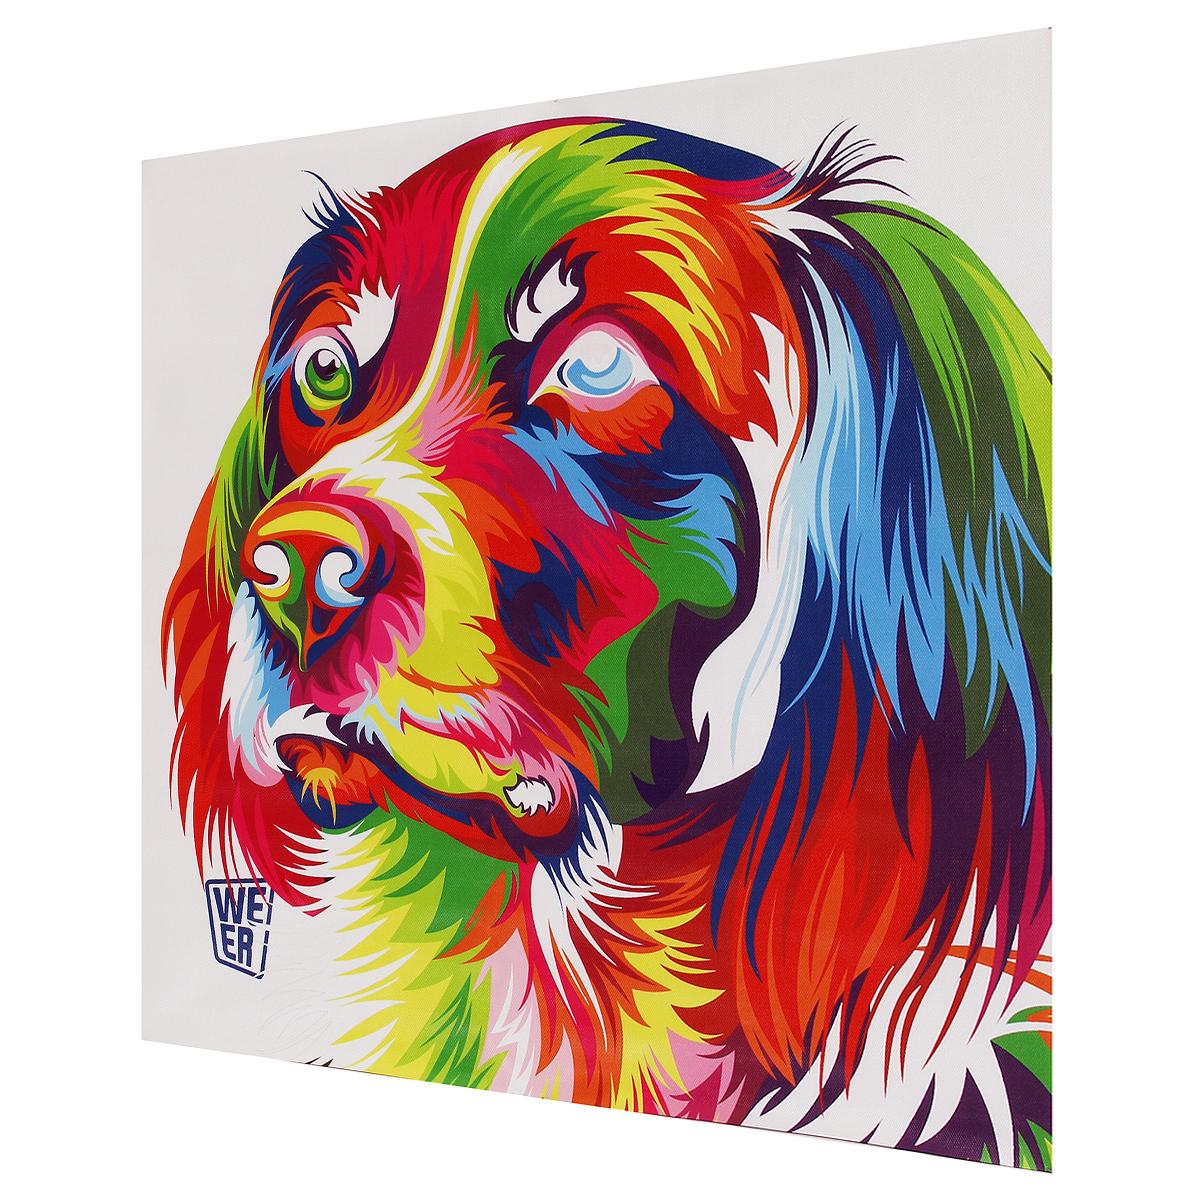 tempsa tableau peinture motif de chien color en toile mural pour d cor achat vente tableau. Black Bedroom Furniture Sets. Home Design Ideas